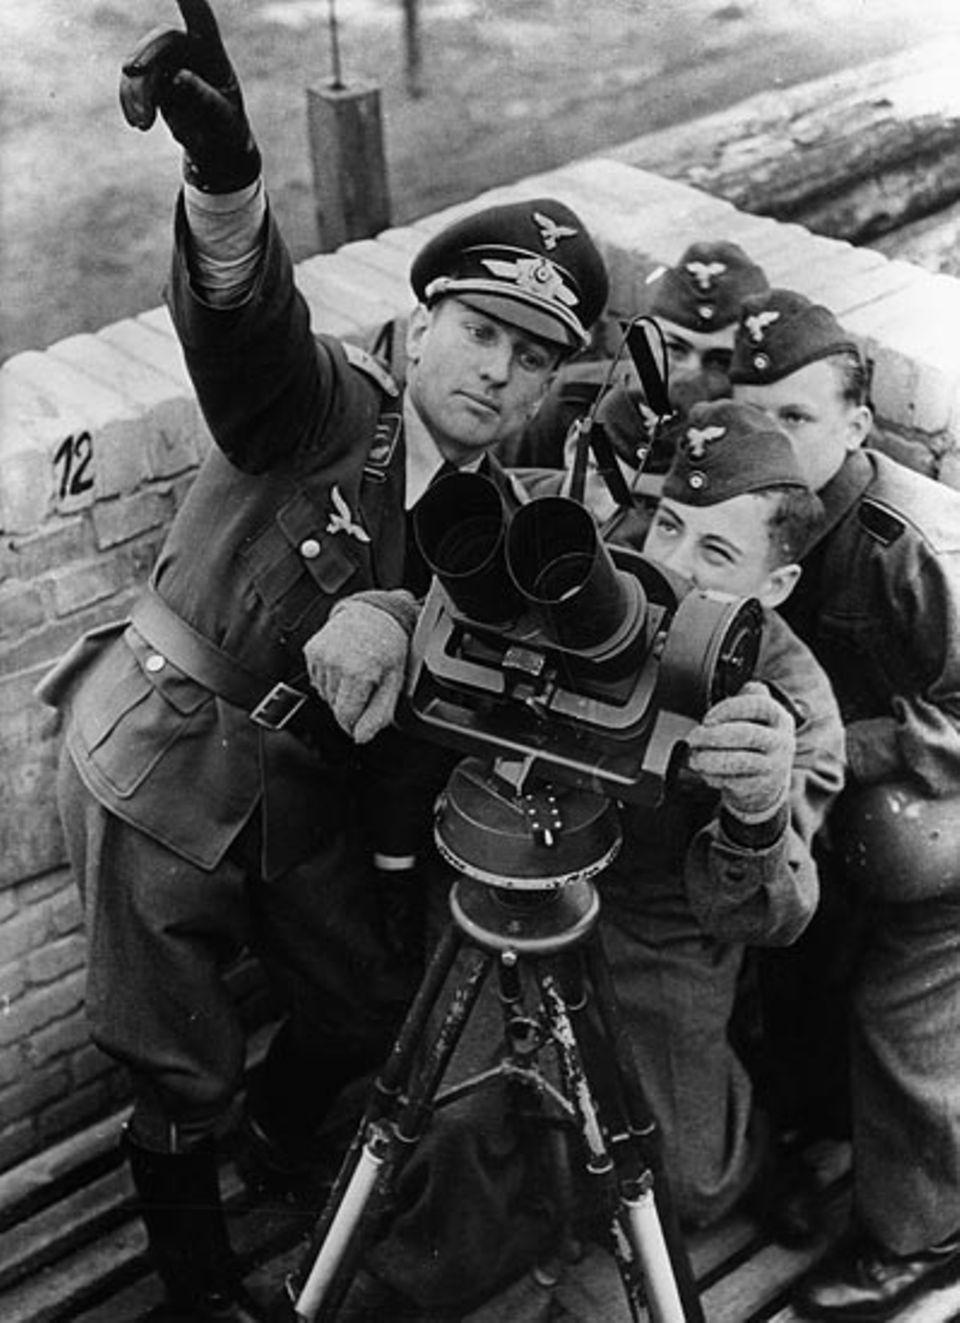 Ausbildung junger Luftwaffenhelfer durch einen Flakoffizier am Flakfernrohr 1943. Wie diese Jungen lernen auch Herbert Sauer und Rolf Schörken das Erkennen und Ansprechen anfliegender Flugzeuge